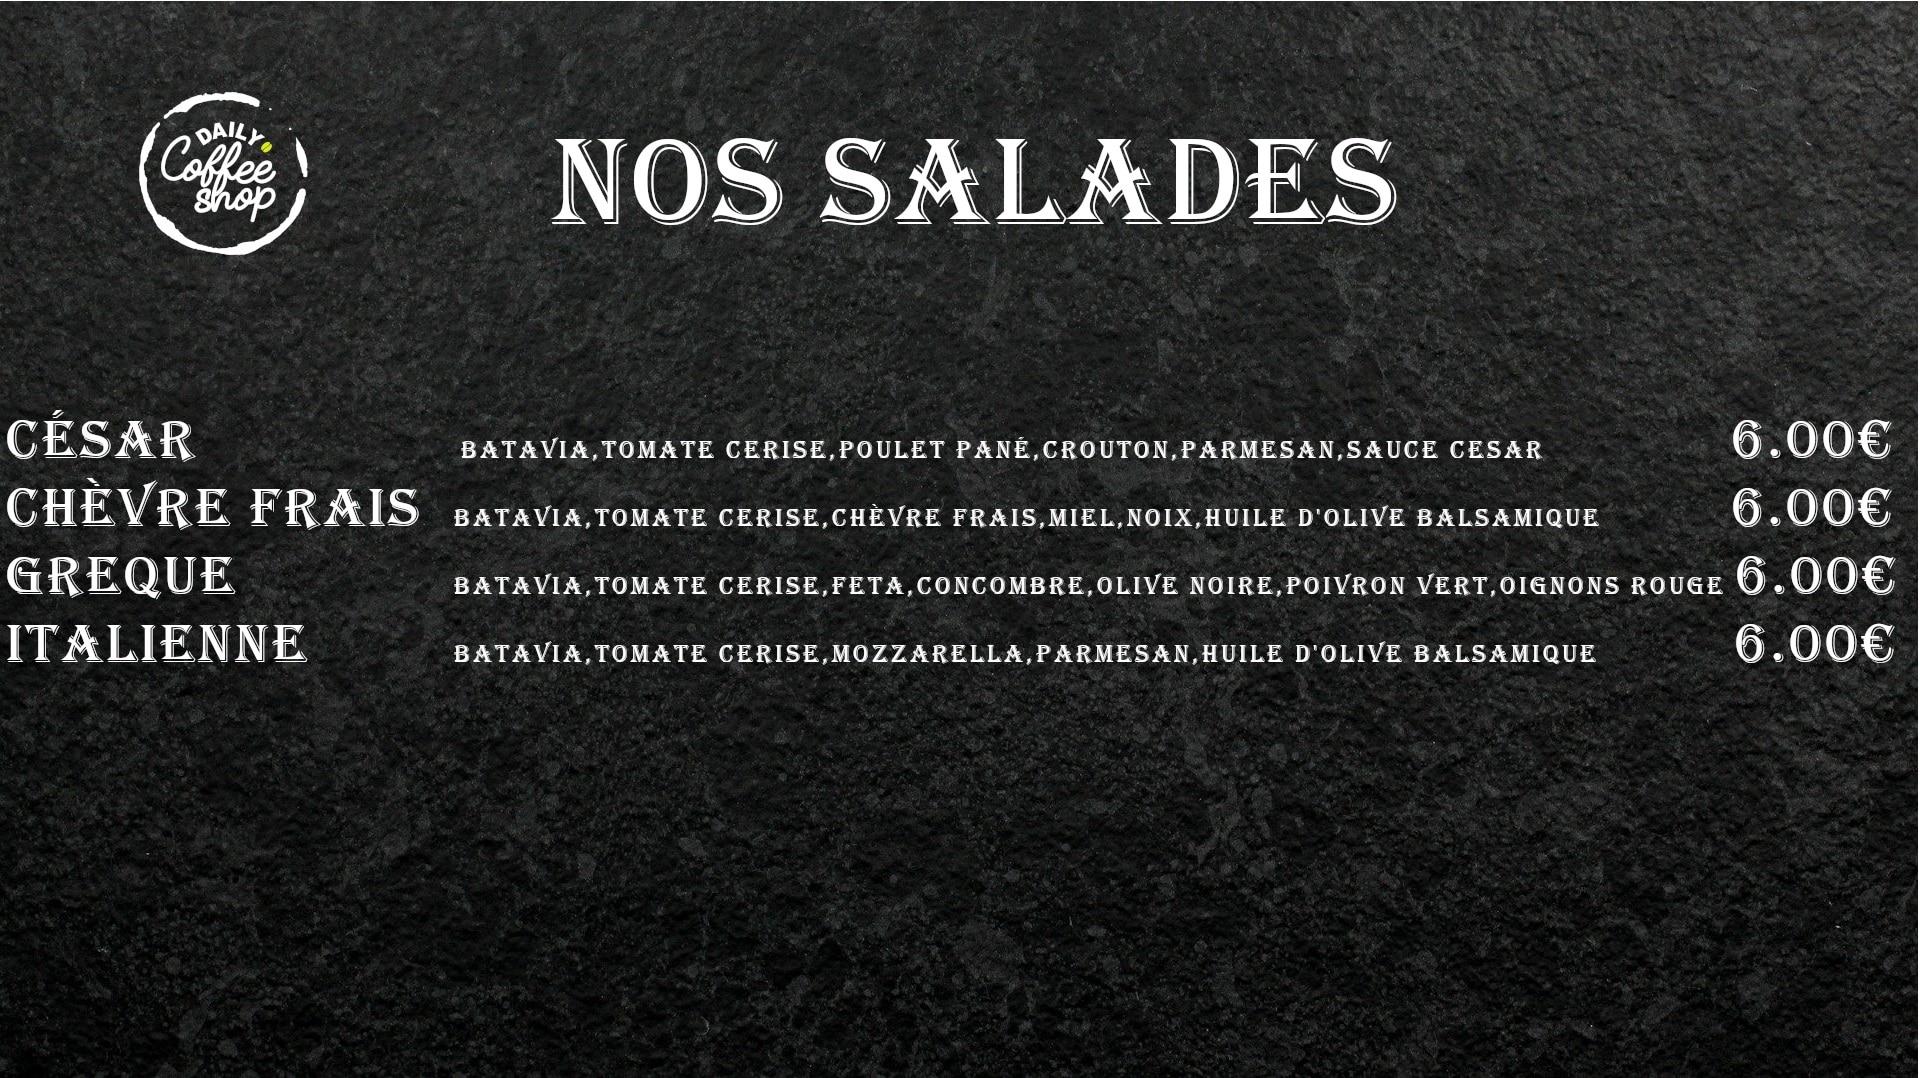 Images du menu nos salades de Daily Coffee Shop